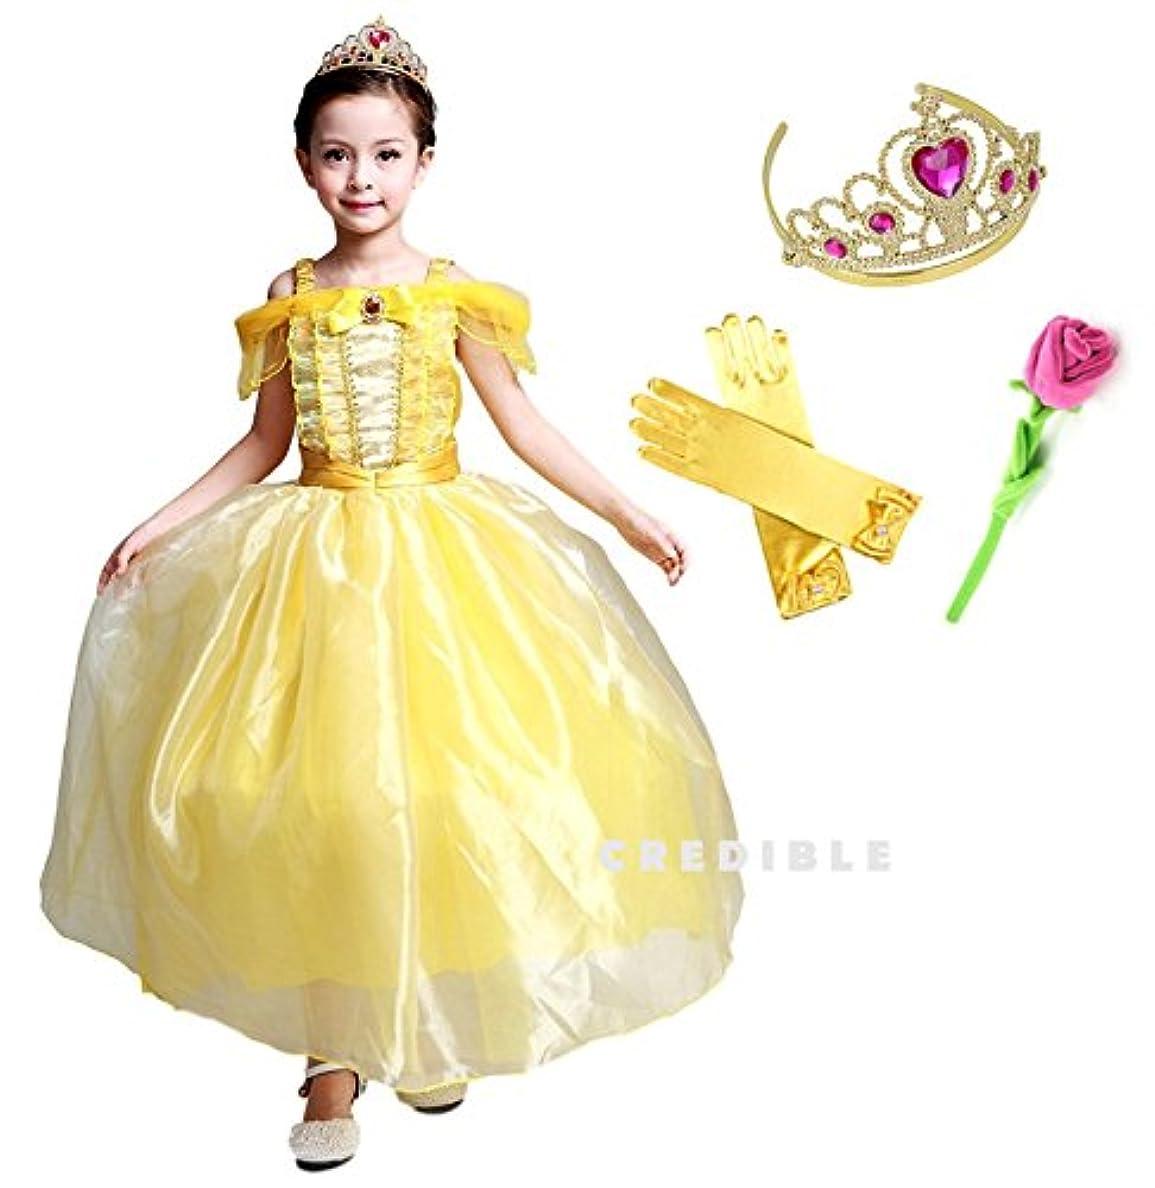 劇作家小さいお酢CREDIBLE 子供 用 プリンセス ドレス コスチューム 豪華5点セット ? イエロー ( プリンセスドレス , ハートのティアラ , リボン付きグローブ , 薔薇のお花 , CREDIBLEオリジナルグッズ ) 120cm NT5002